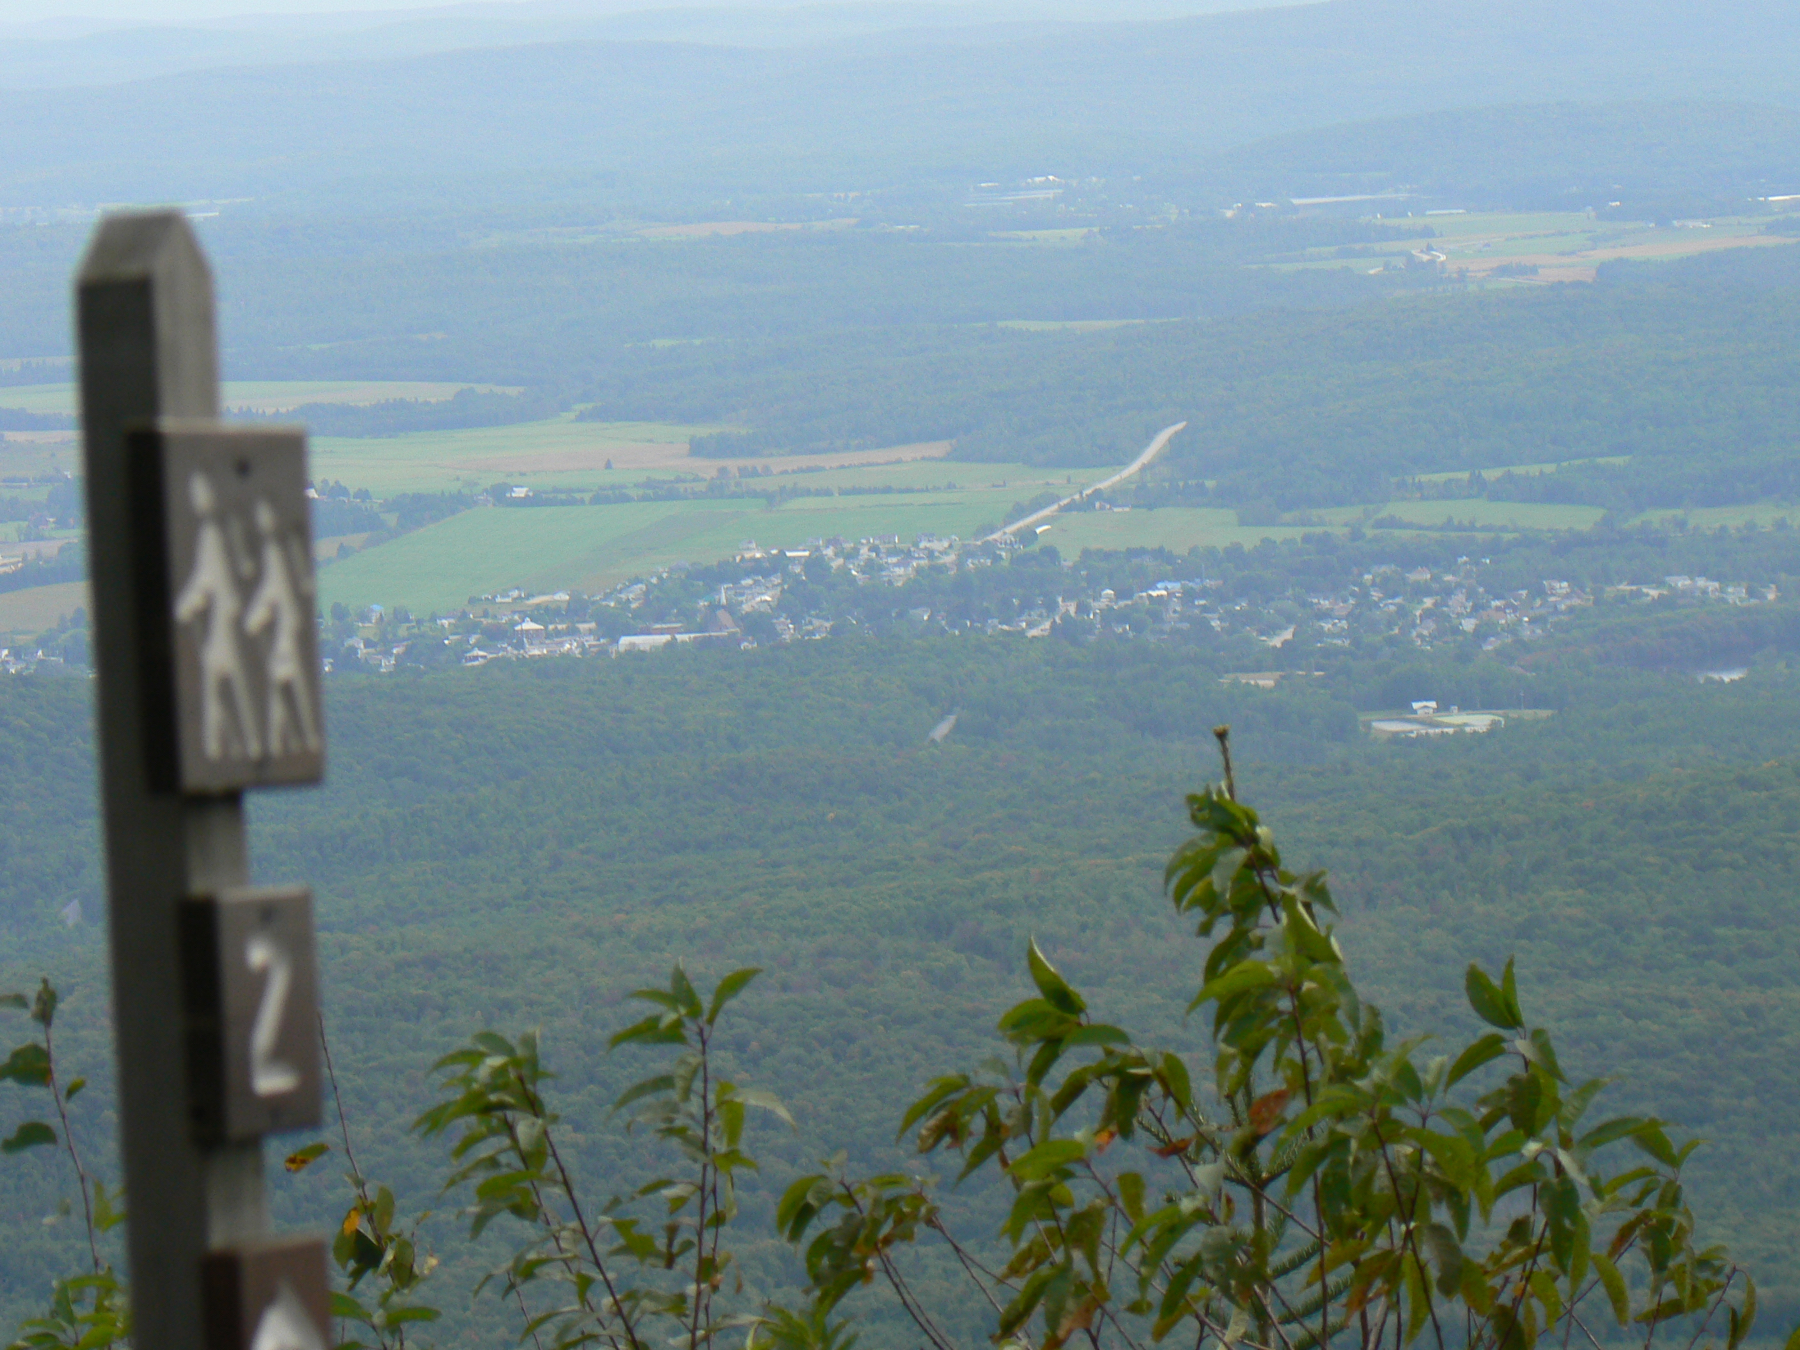 parc-montagne-du-diable-paysage-00228_1800x1350